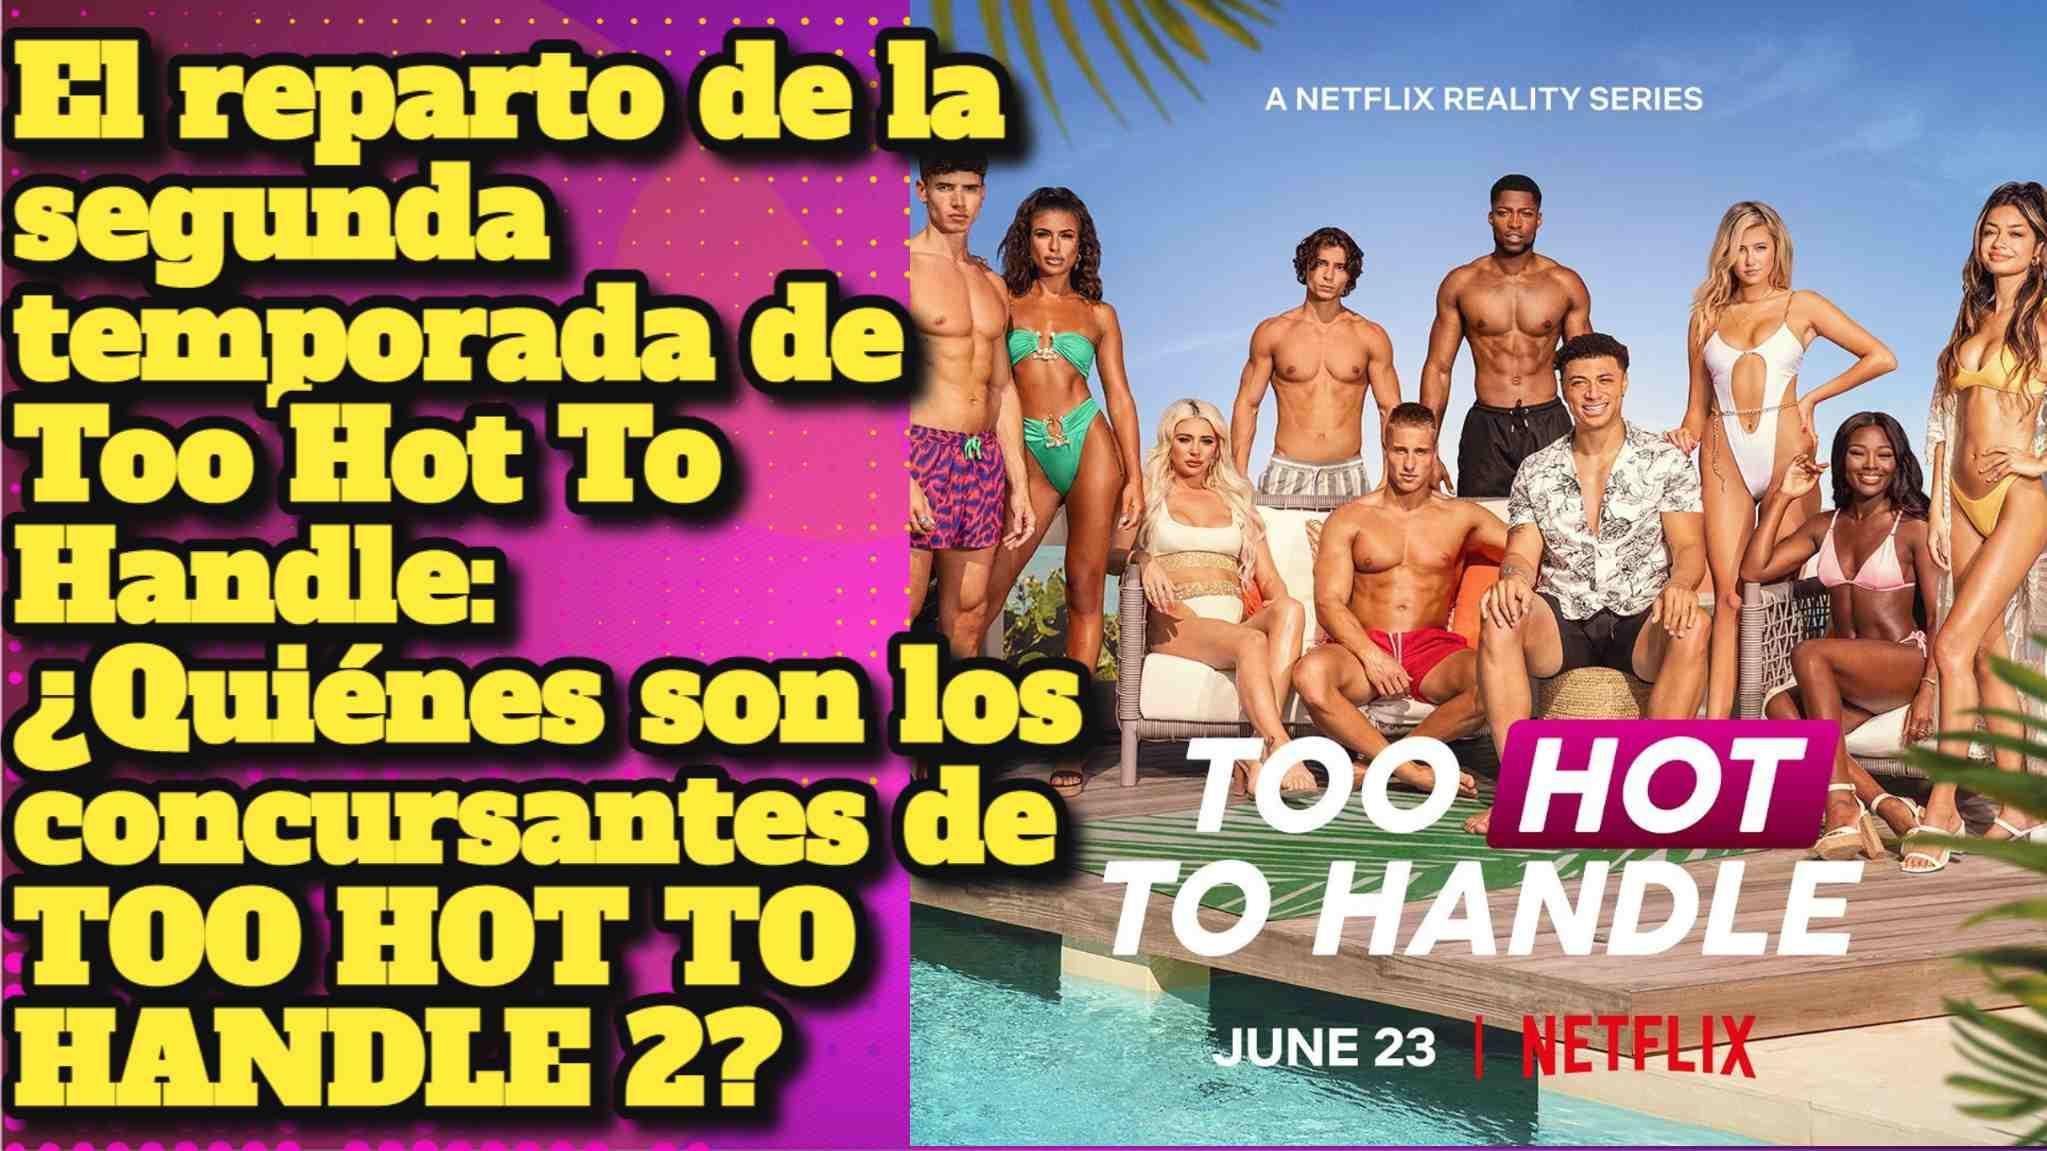 El reparto de la segunda temporada de Too Hot To Handle: ¿Quiénes son los concursantes de TOO HOT TO HANDLE 2?